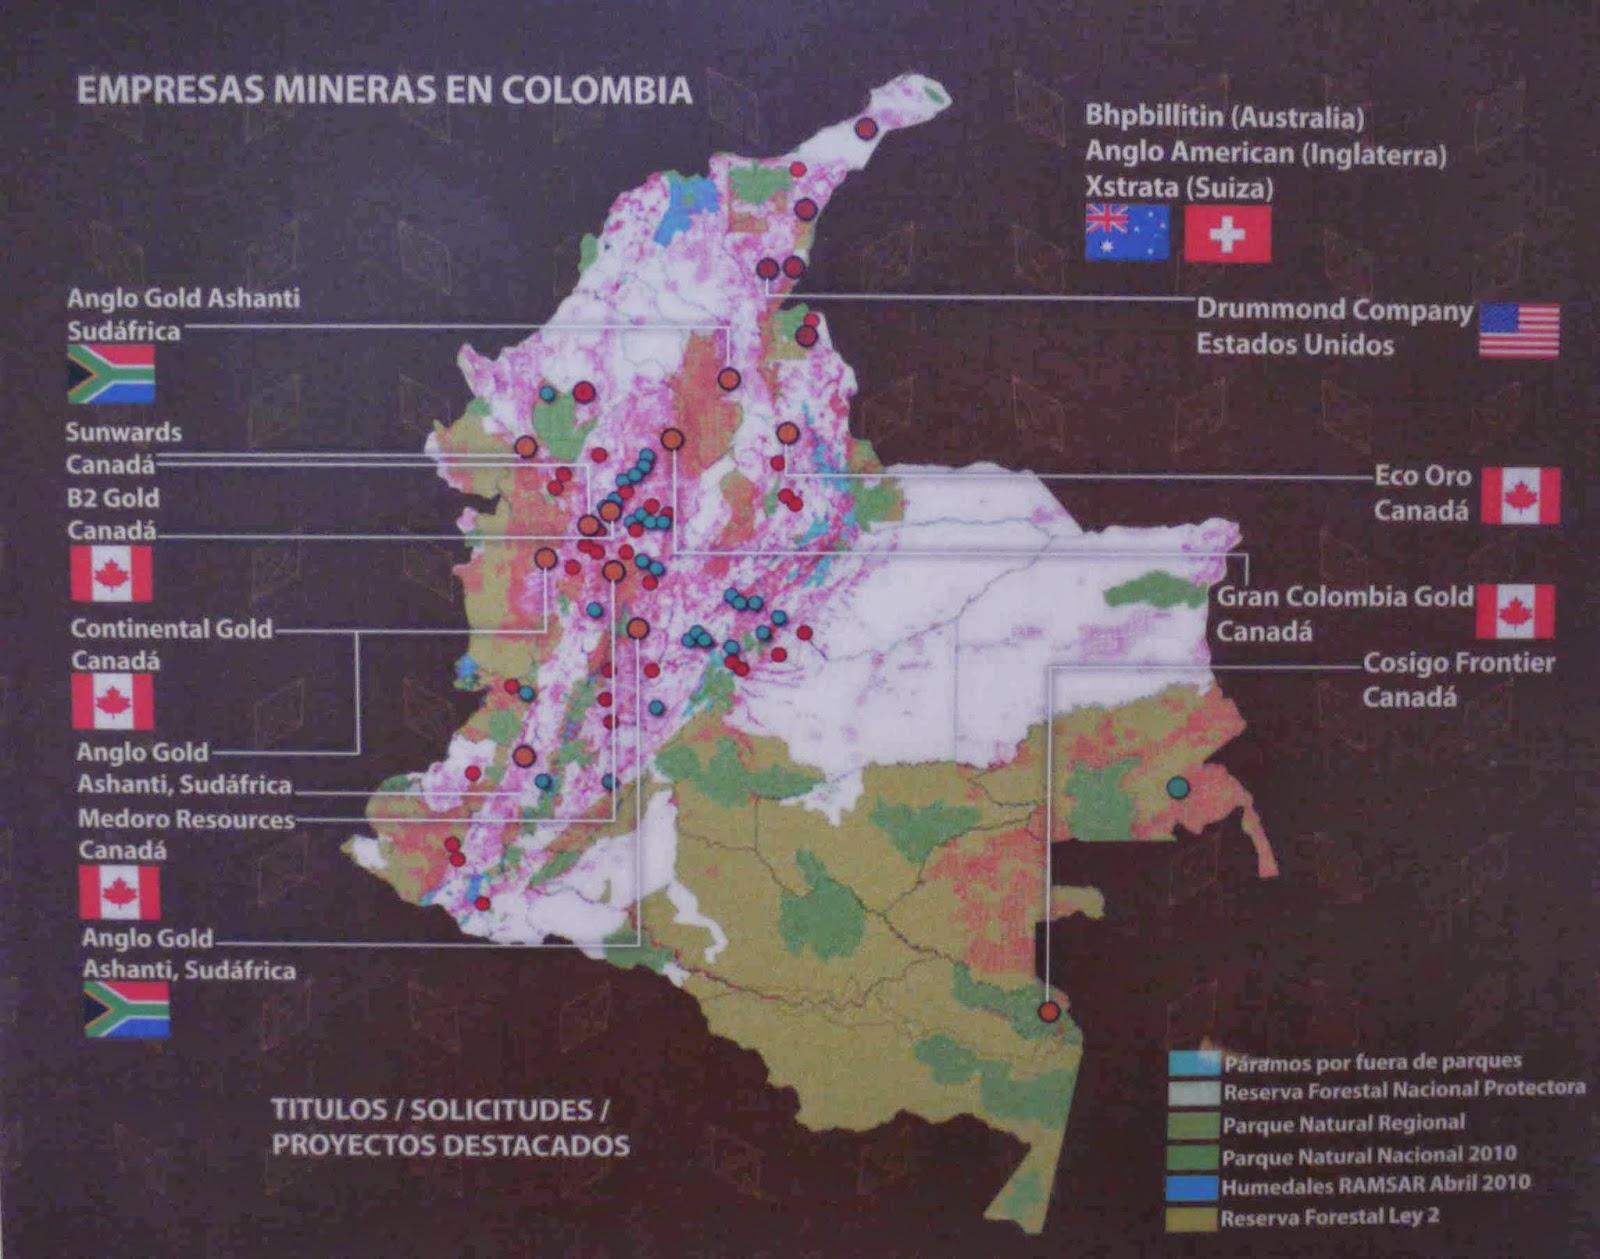 Colombie: entre les investissements et la paix (Frédéric Thomas/ CETRI – Centre Tricontinental)